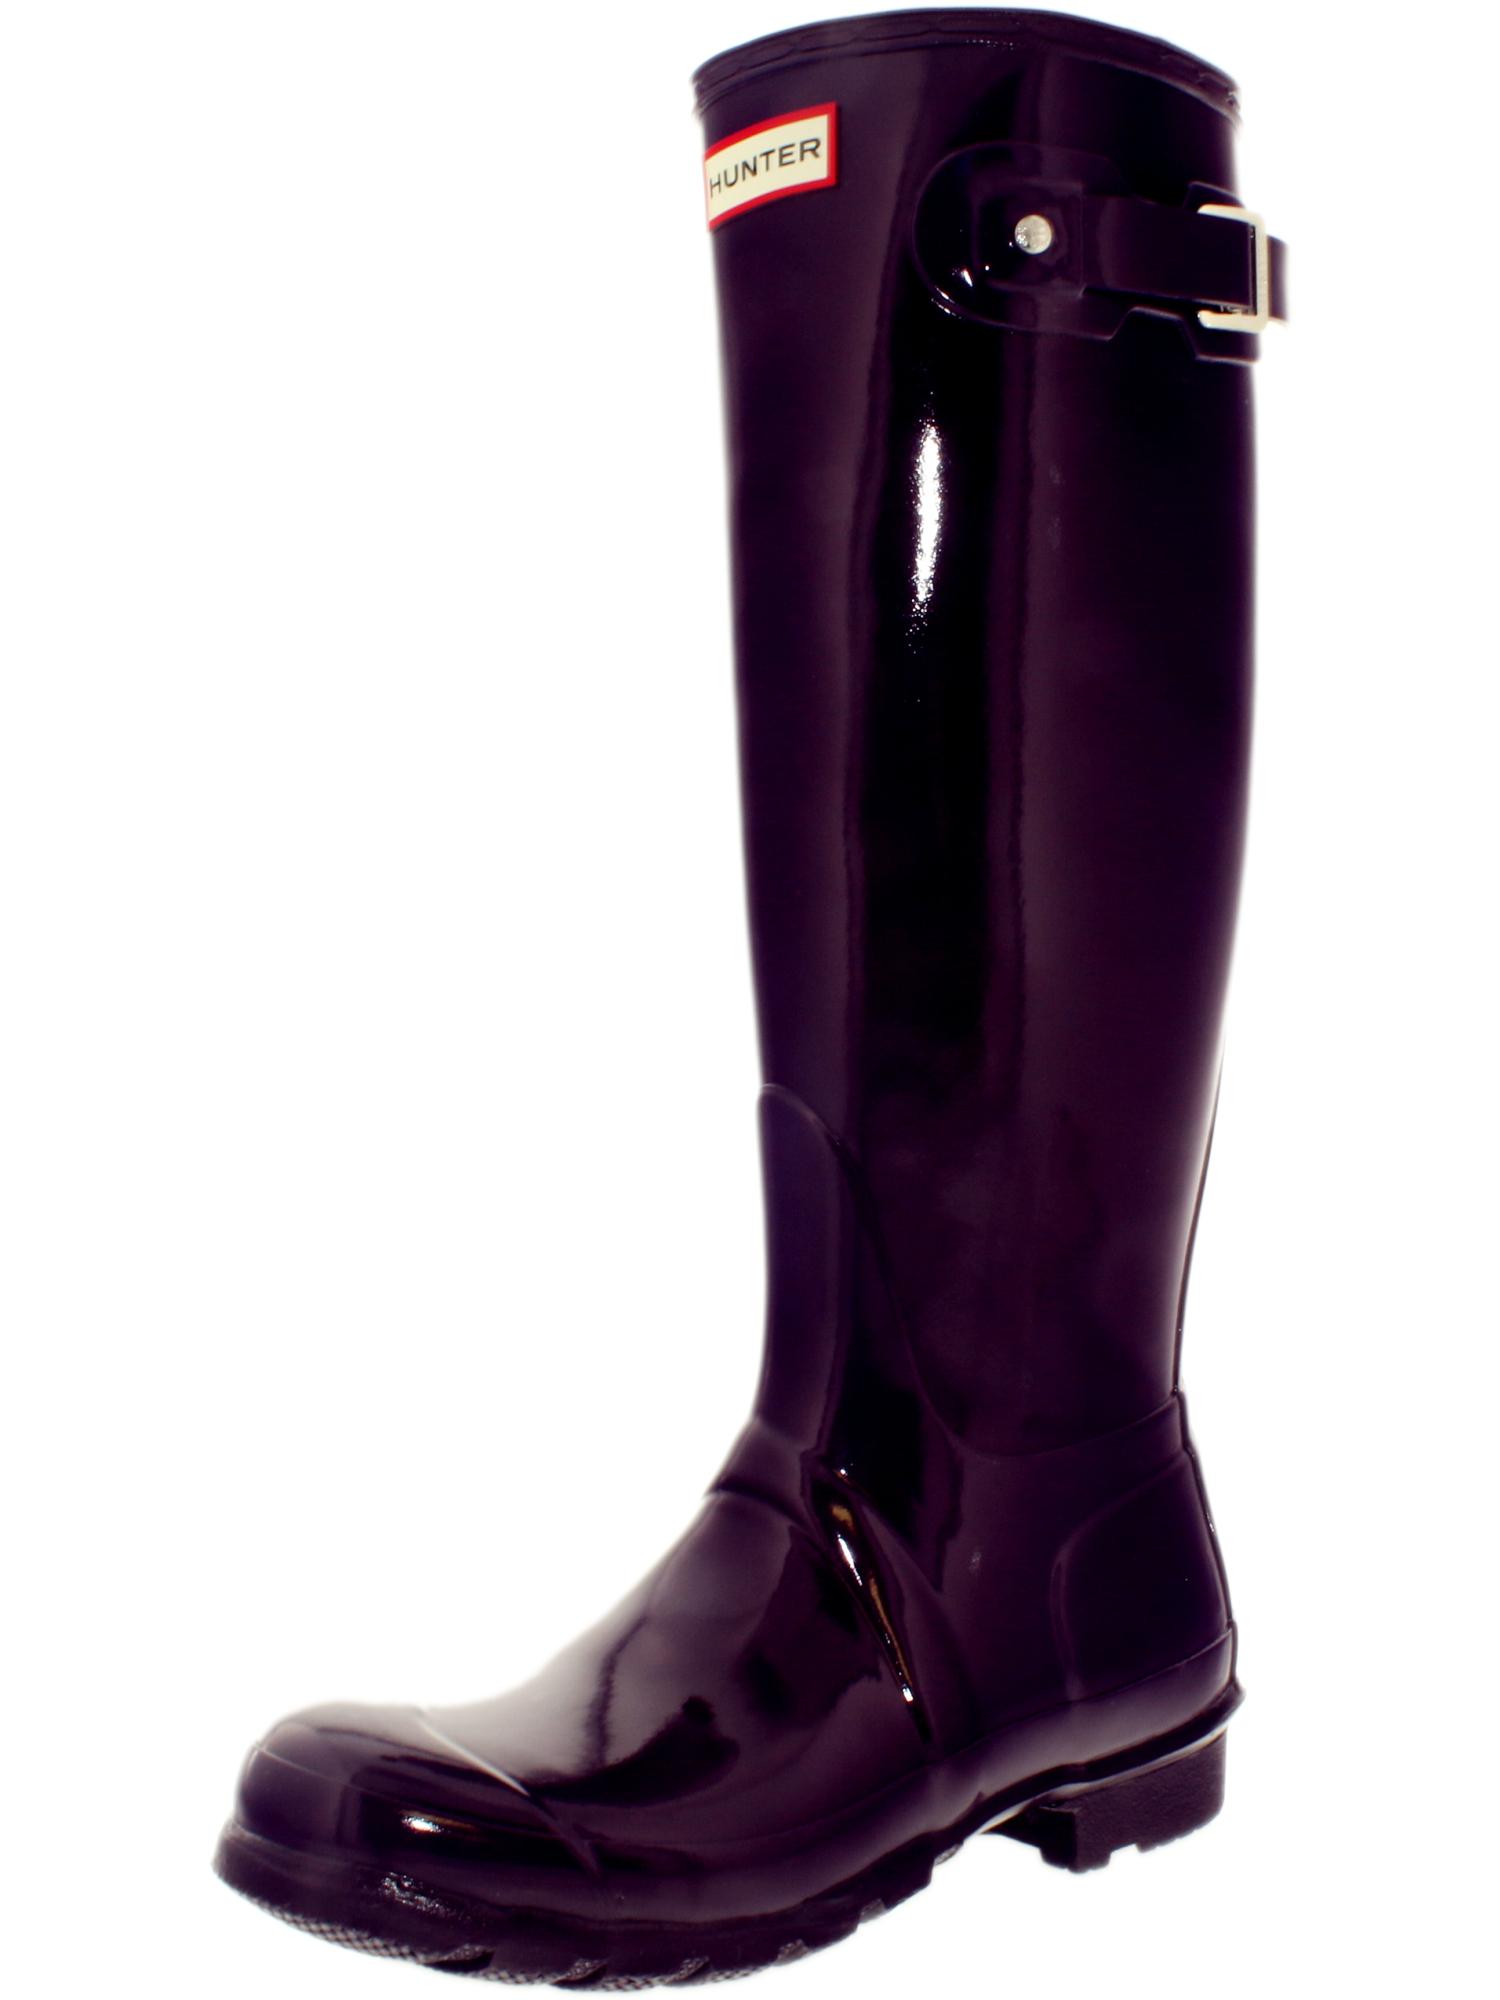 Hunter Women's Original Tall Knee-High Rubber Rain Boot | eBay